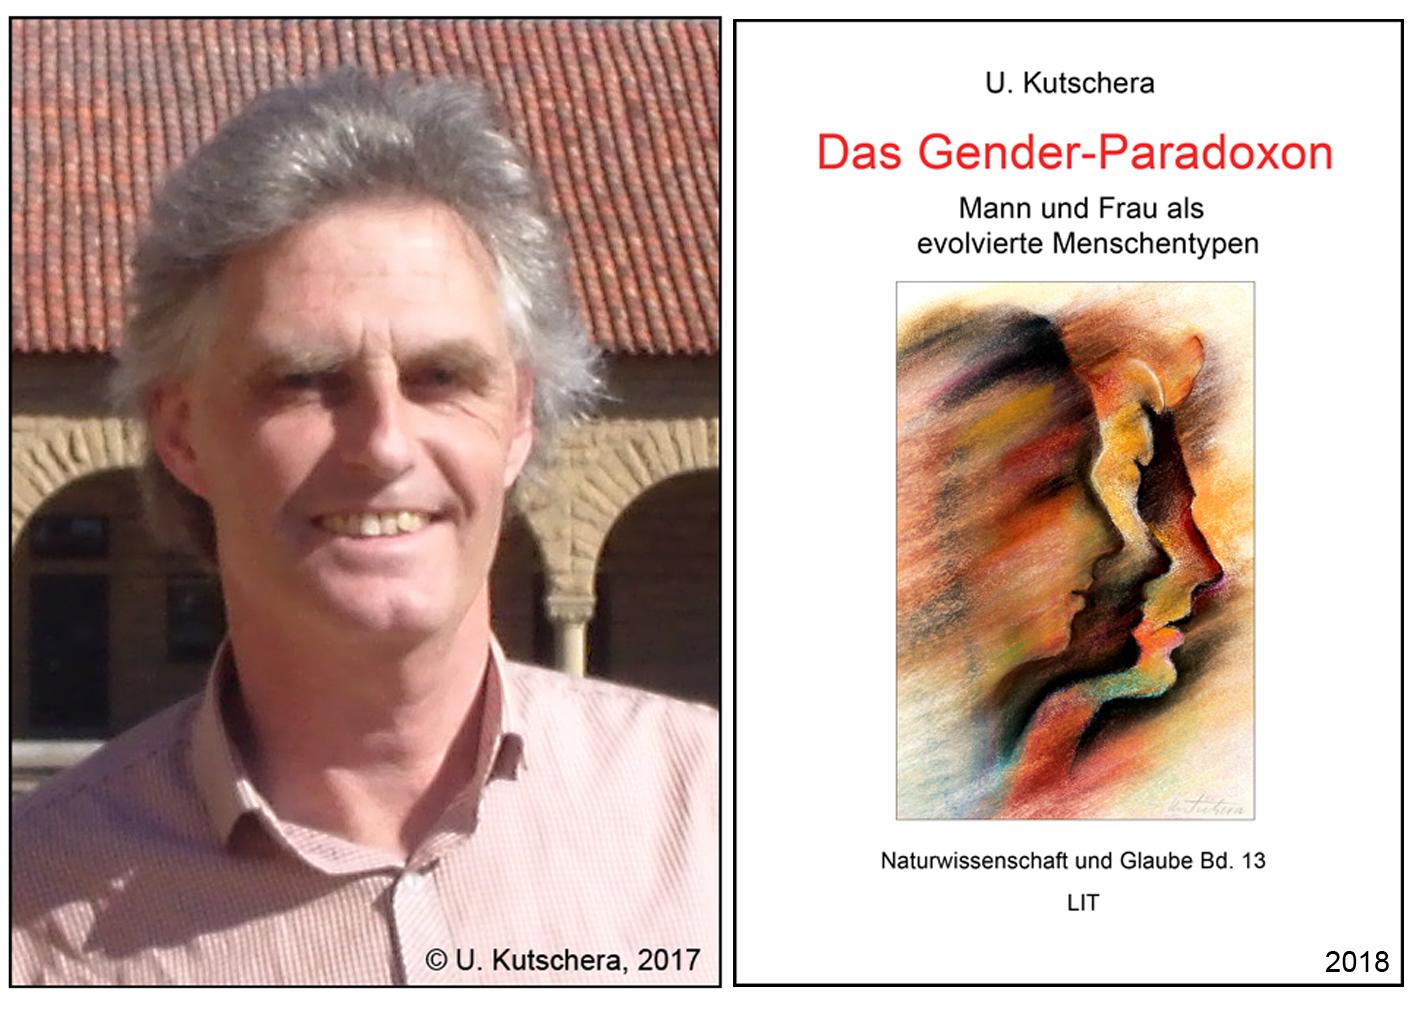 Quelle: Sammlung U. Kutschera